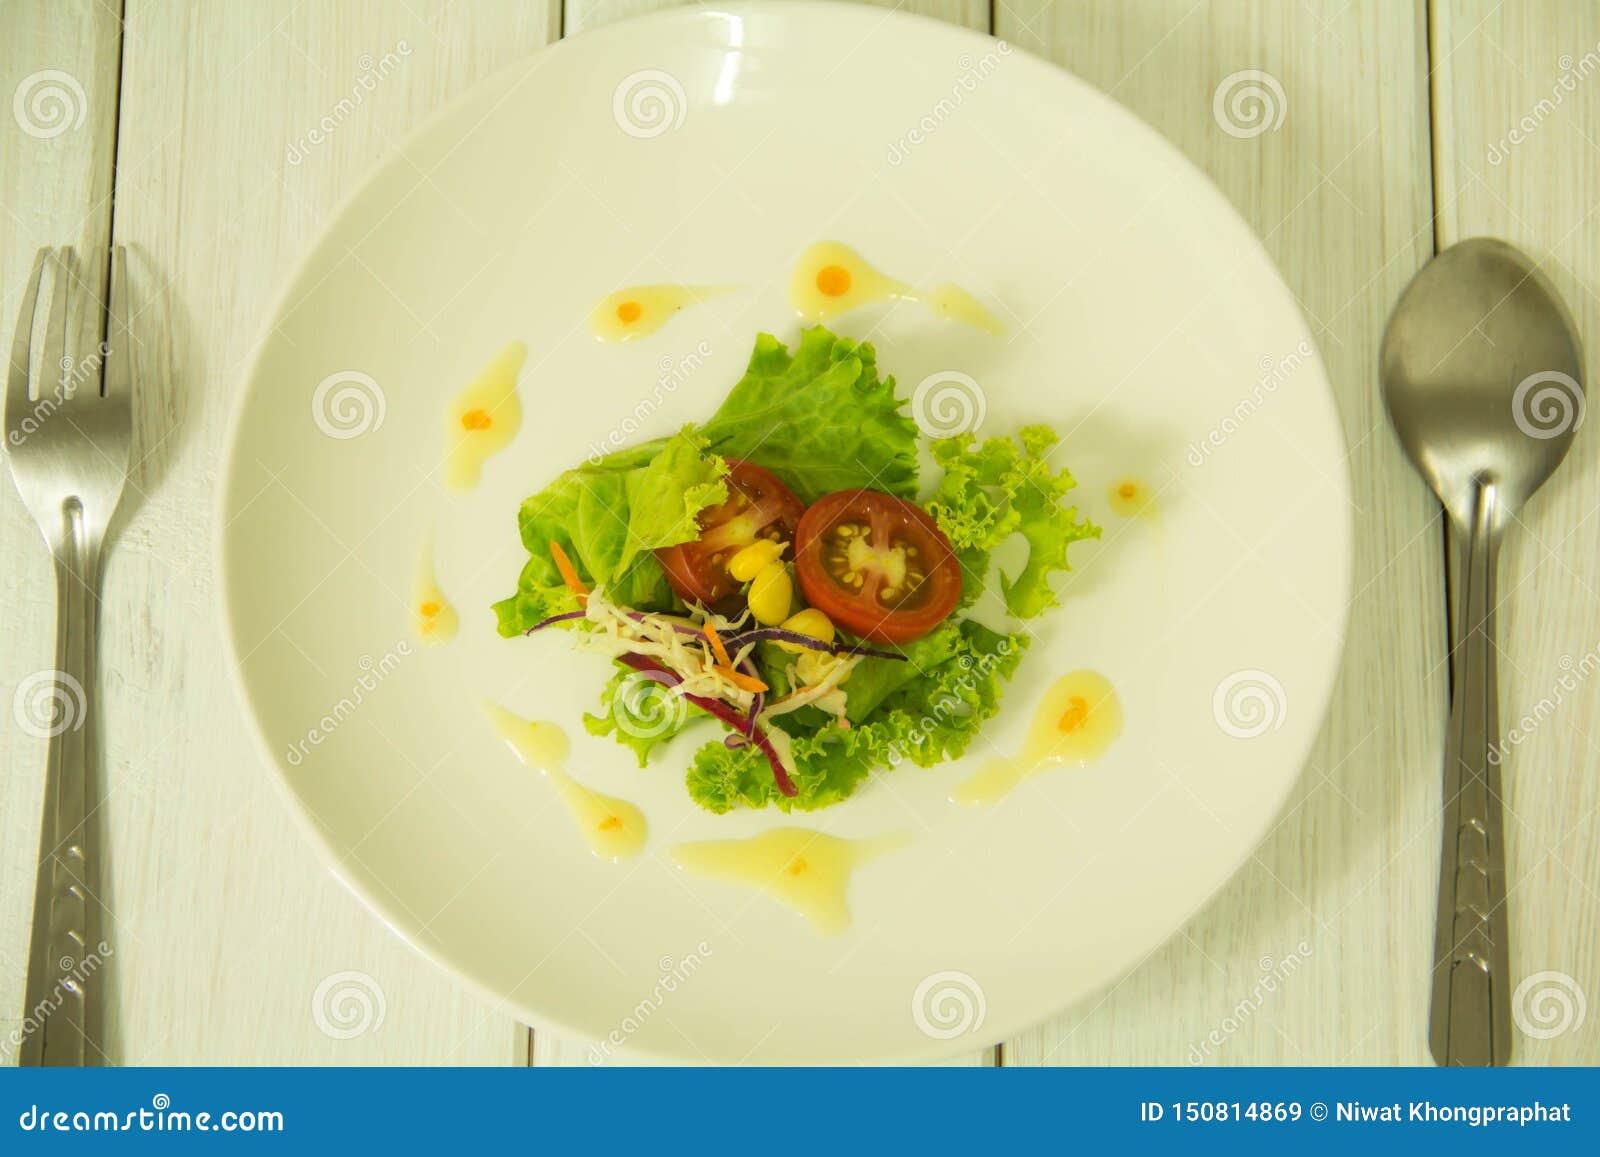 Många sorter av frukt- och grönsaksallader